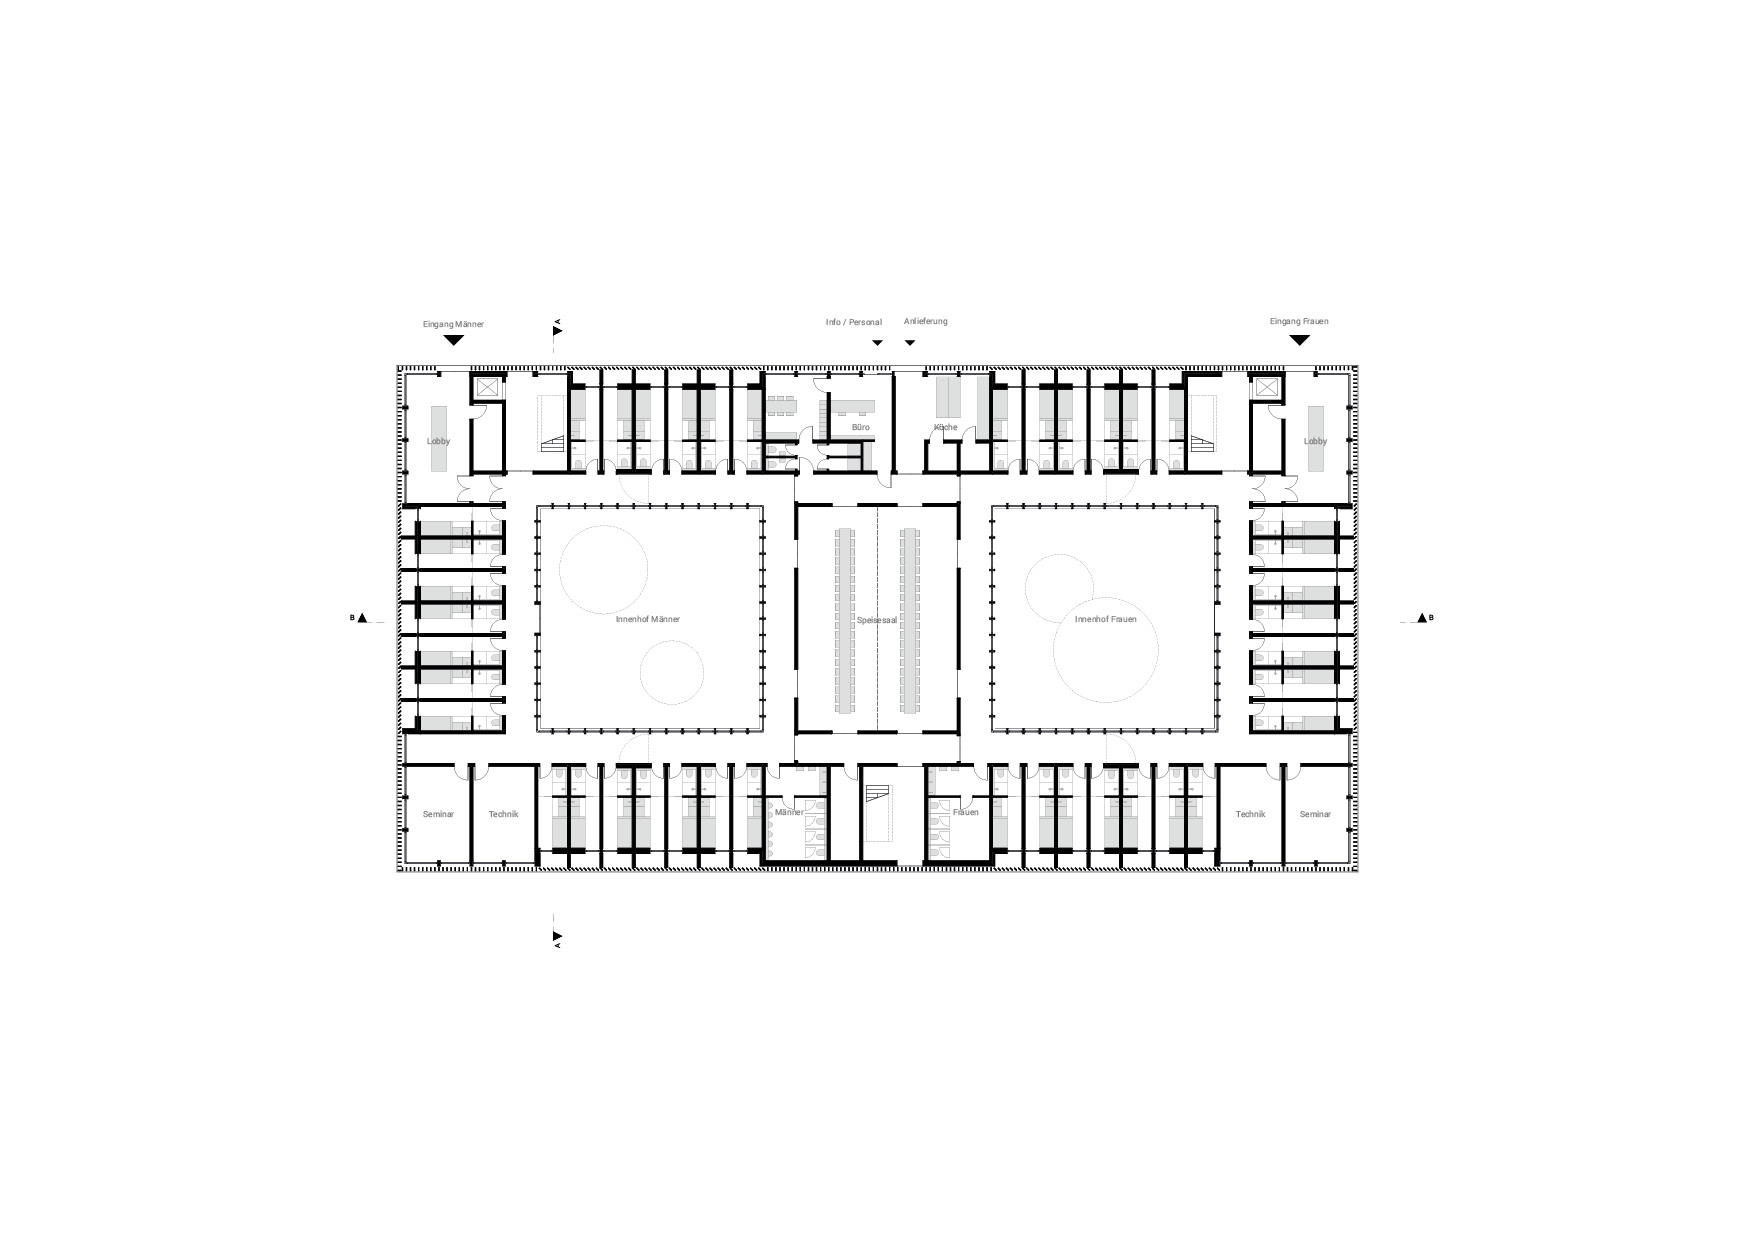 KUBIK Architektur - Studio für Architektur Berlin - architecture - Projekt - Meditationszentrum - Erdgeschoss